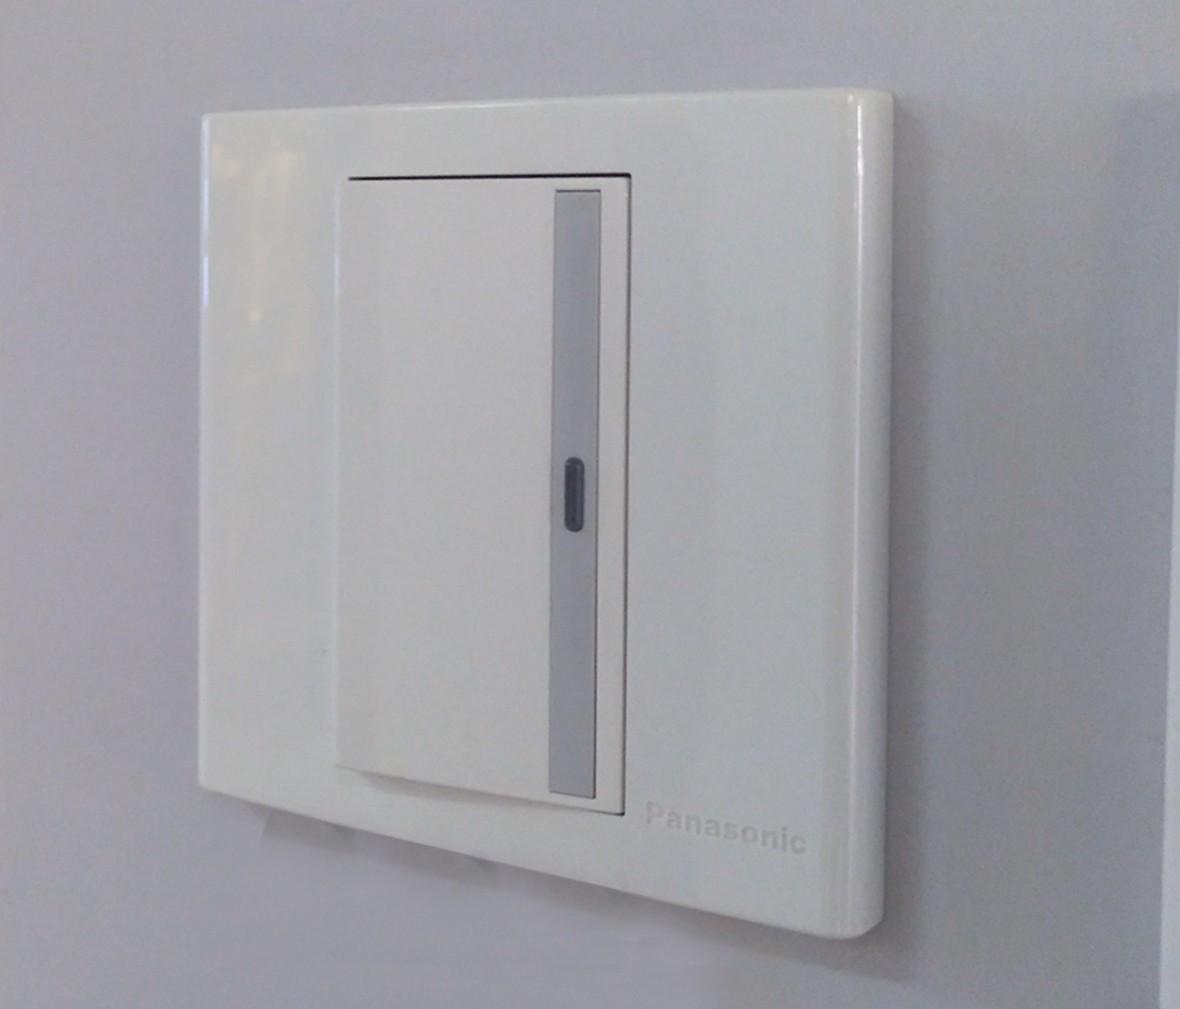 松下灯饰 宏彩系列 单开开关 耐高温 防漏电 PC材质 实拍